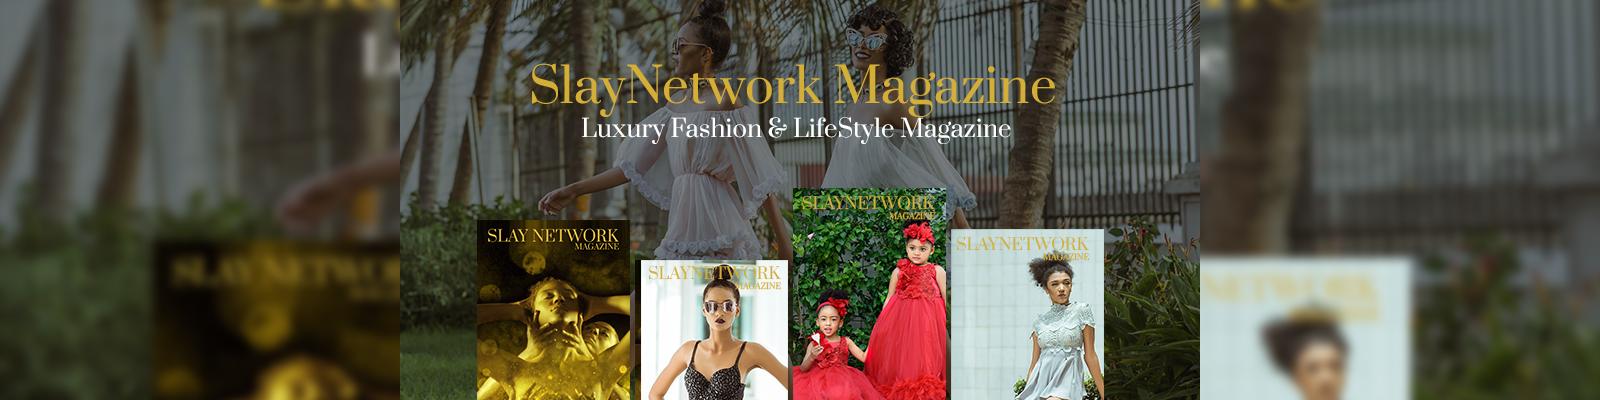 luxury fashion and lifestyle magazine